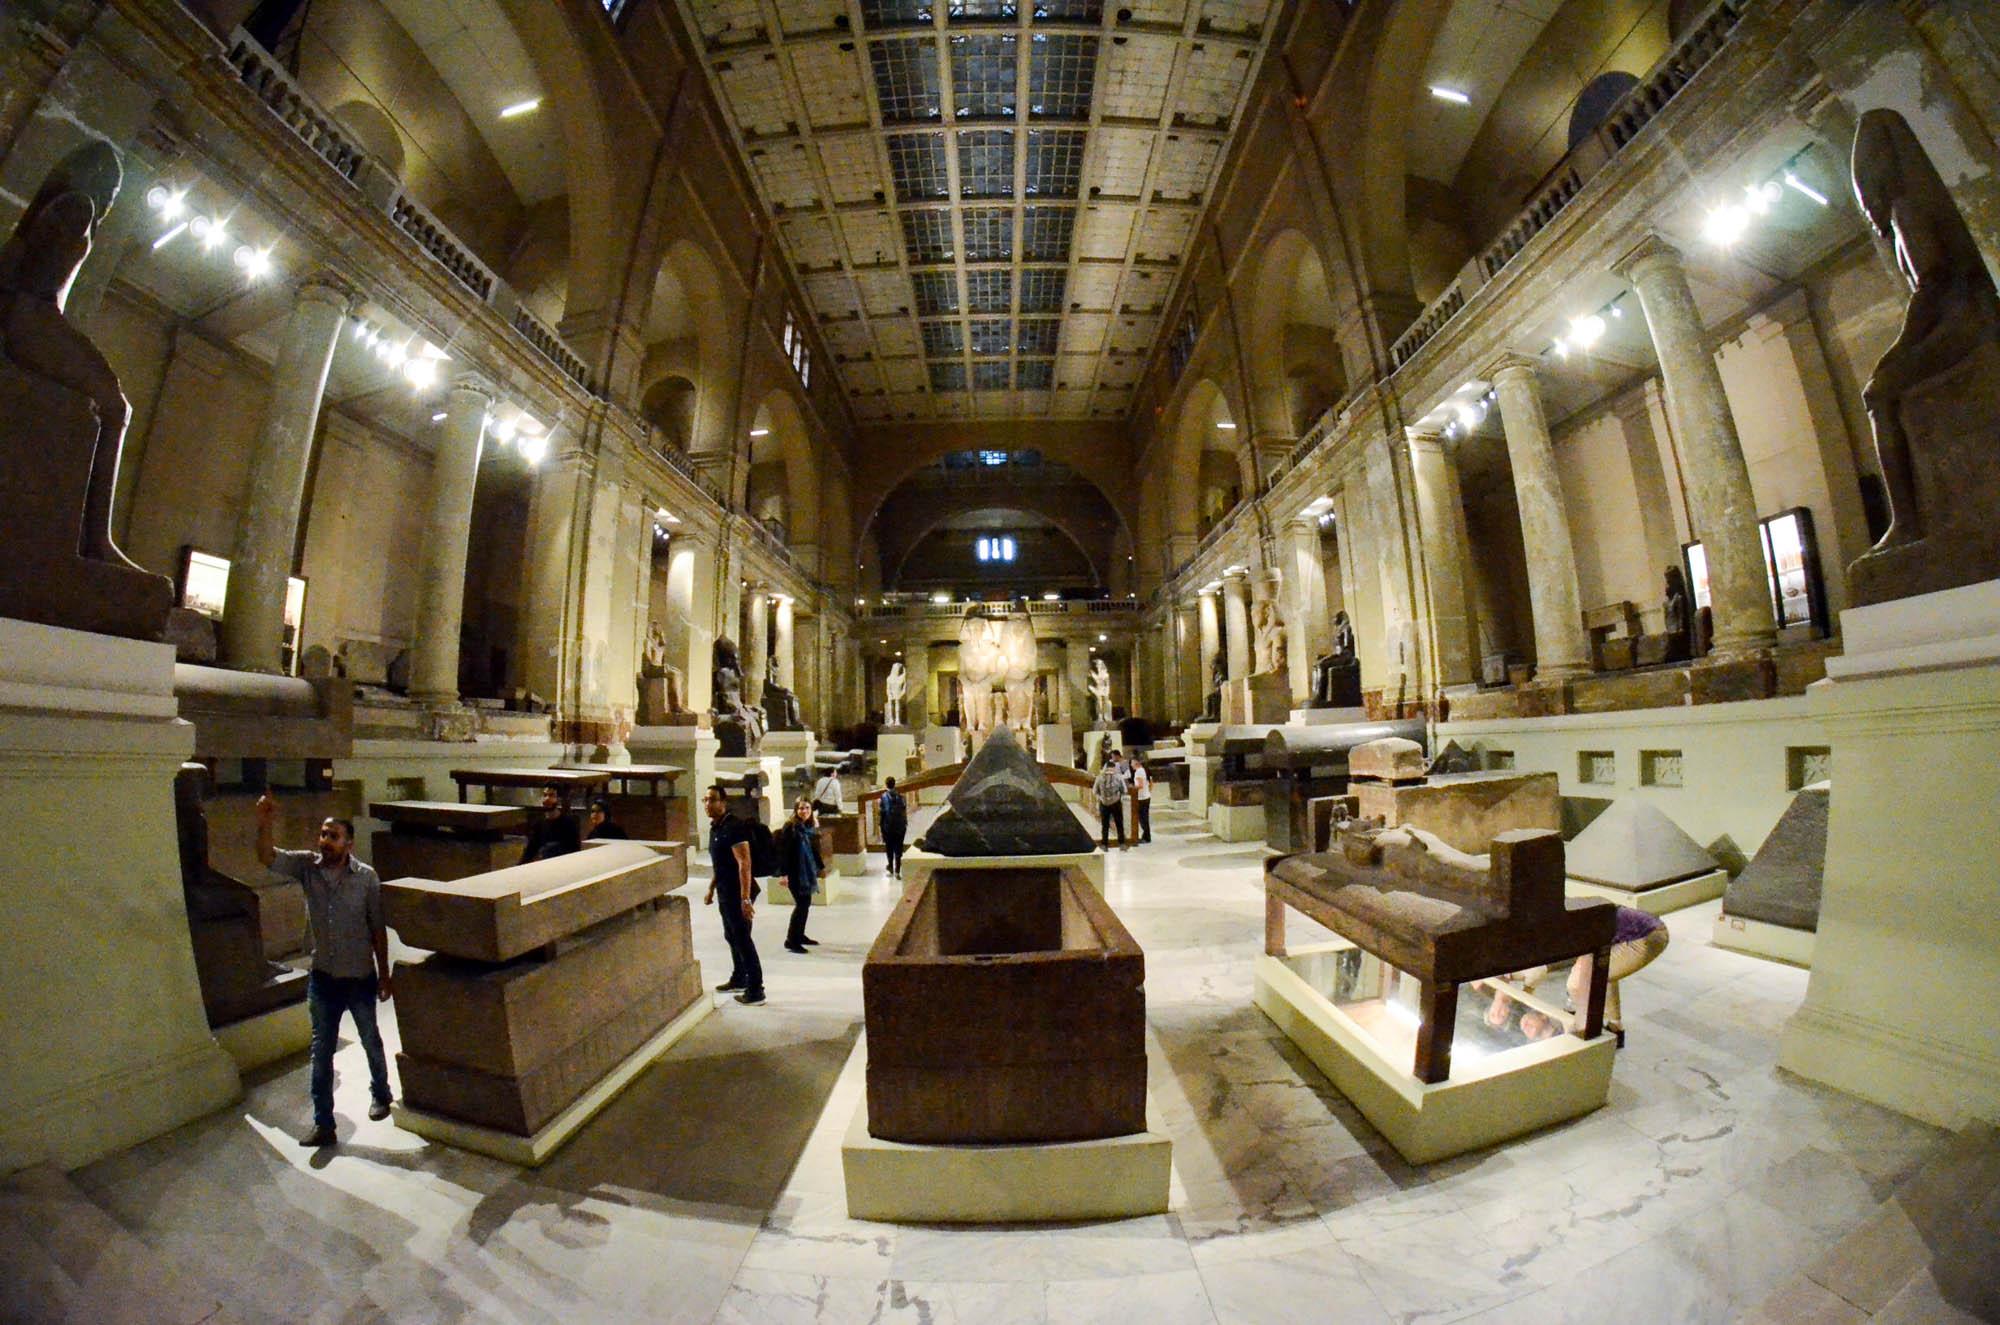 Das 1902 eröffnete Ägyptische Museum ist das weltgrößte Museum für ägyptische Kunst. 2018 sollen die meisten Exponate aus dem Museum in das neue Grand Egyptian Museum am Rande des Pyramidenplateaus von Giza übersiedeln. Foto: Matthieu Götz